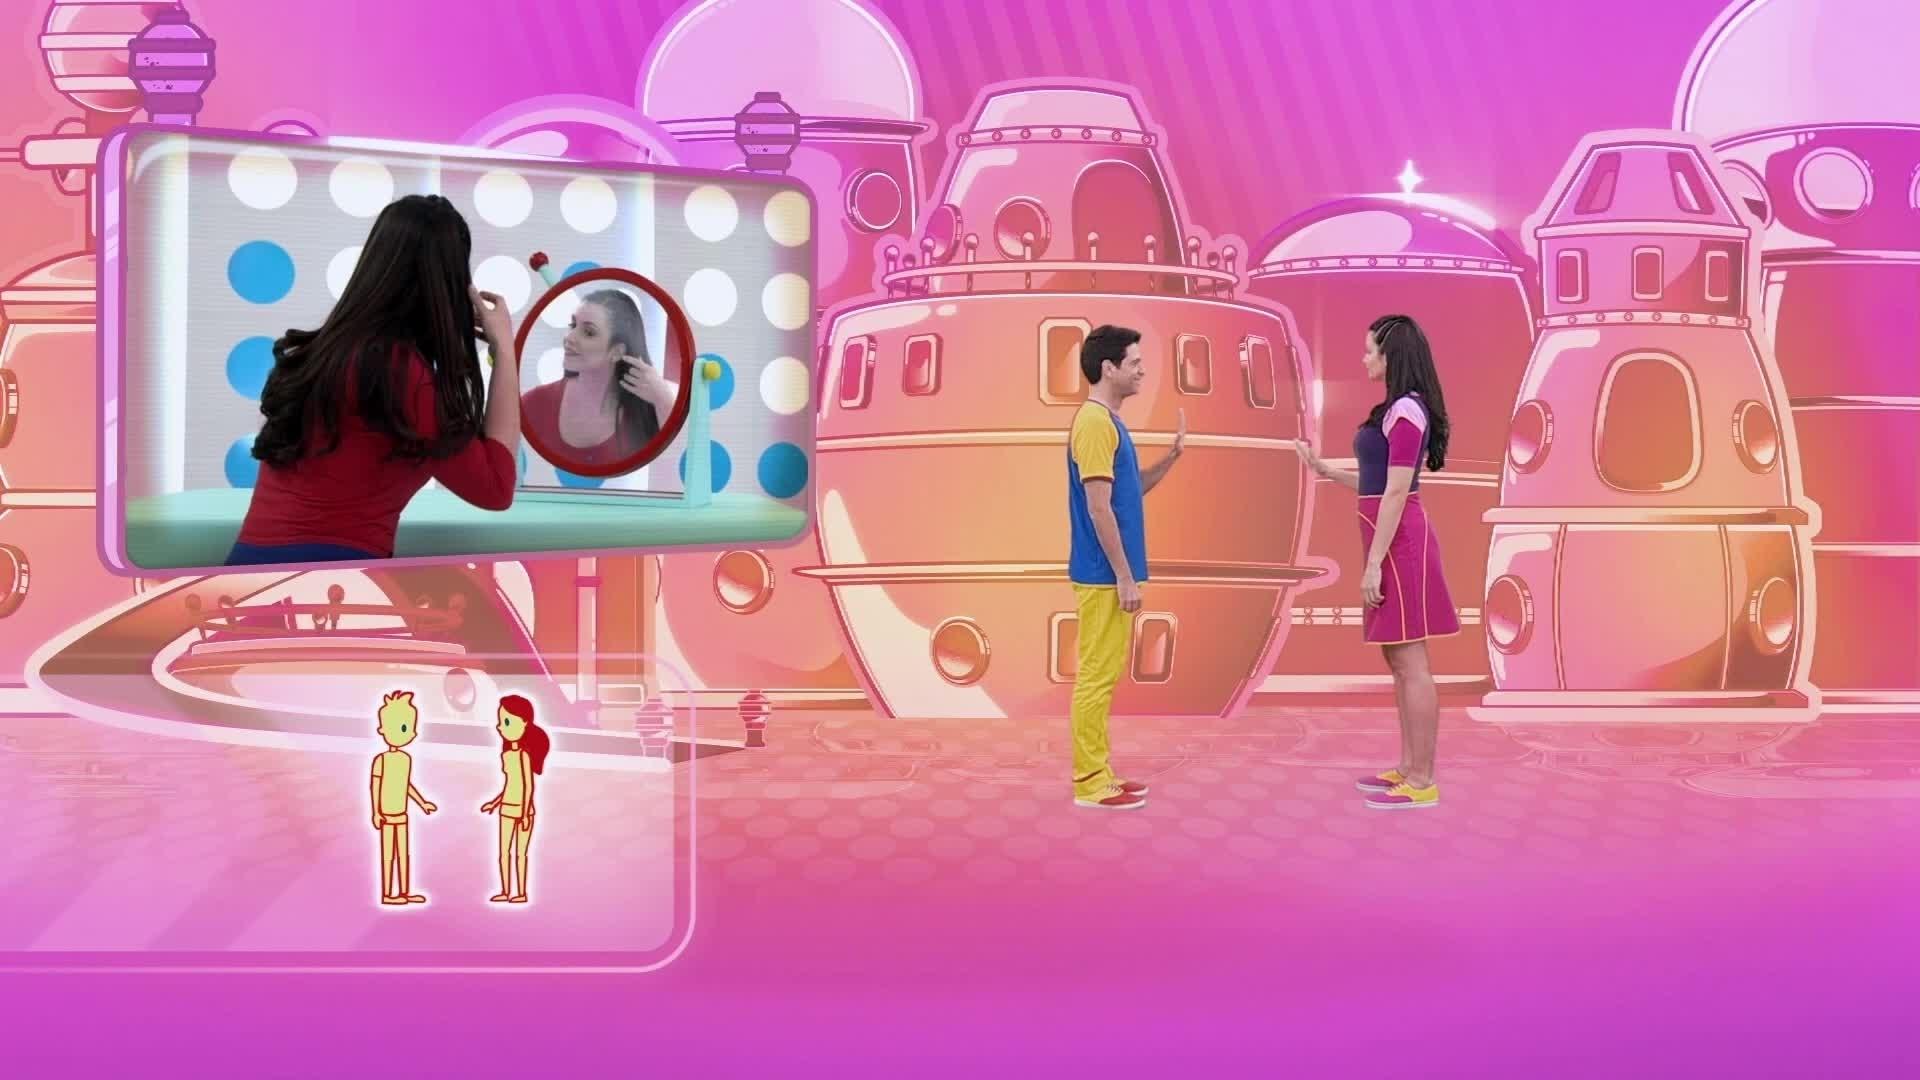 O jogo de espelho - Dançando no Parquinho